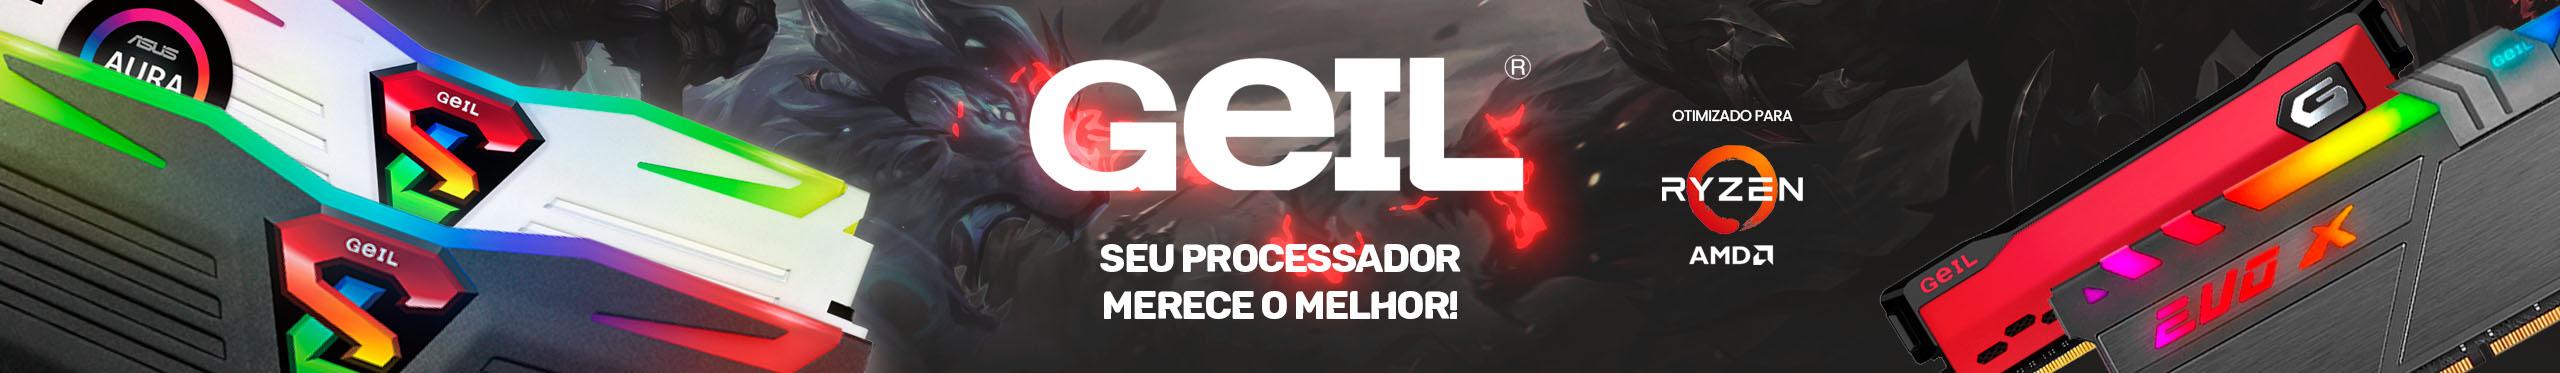 Memória GEIL - Otimizado para AMD RYZEN